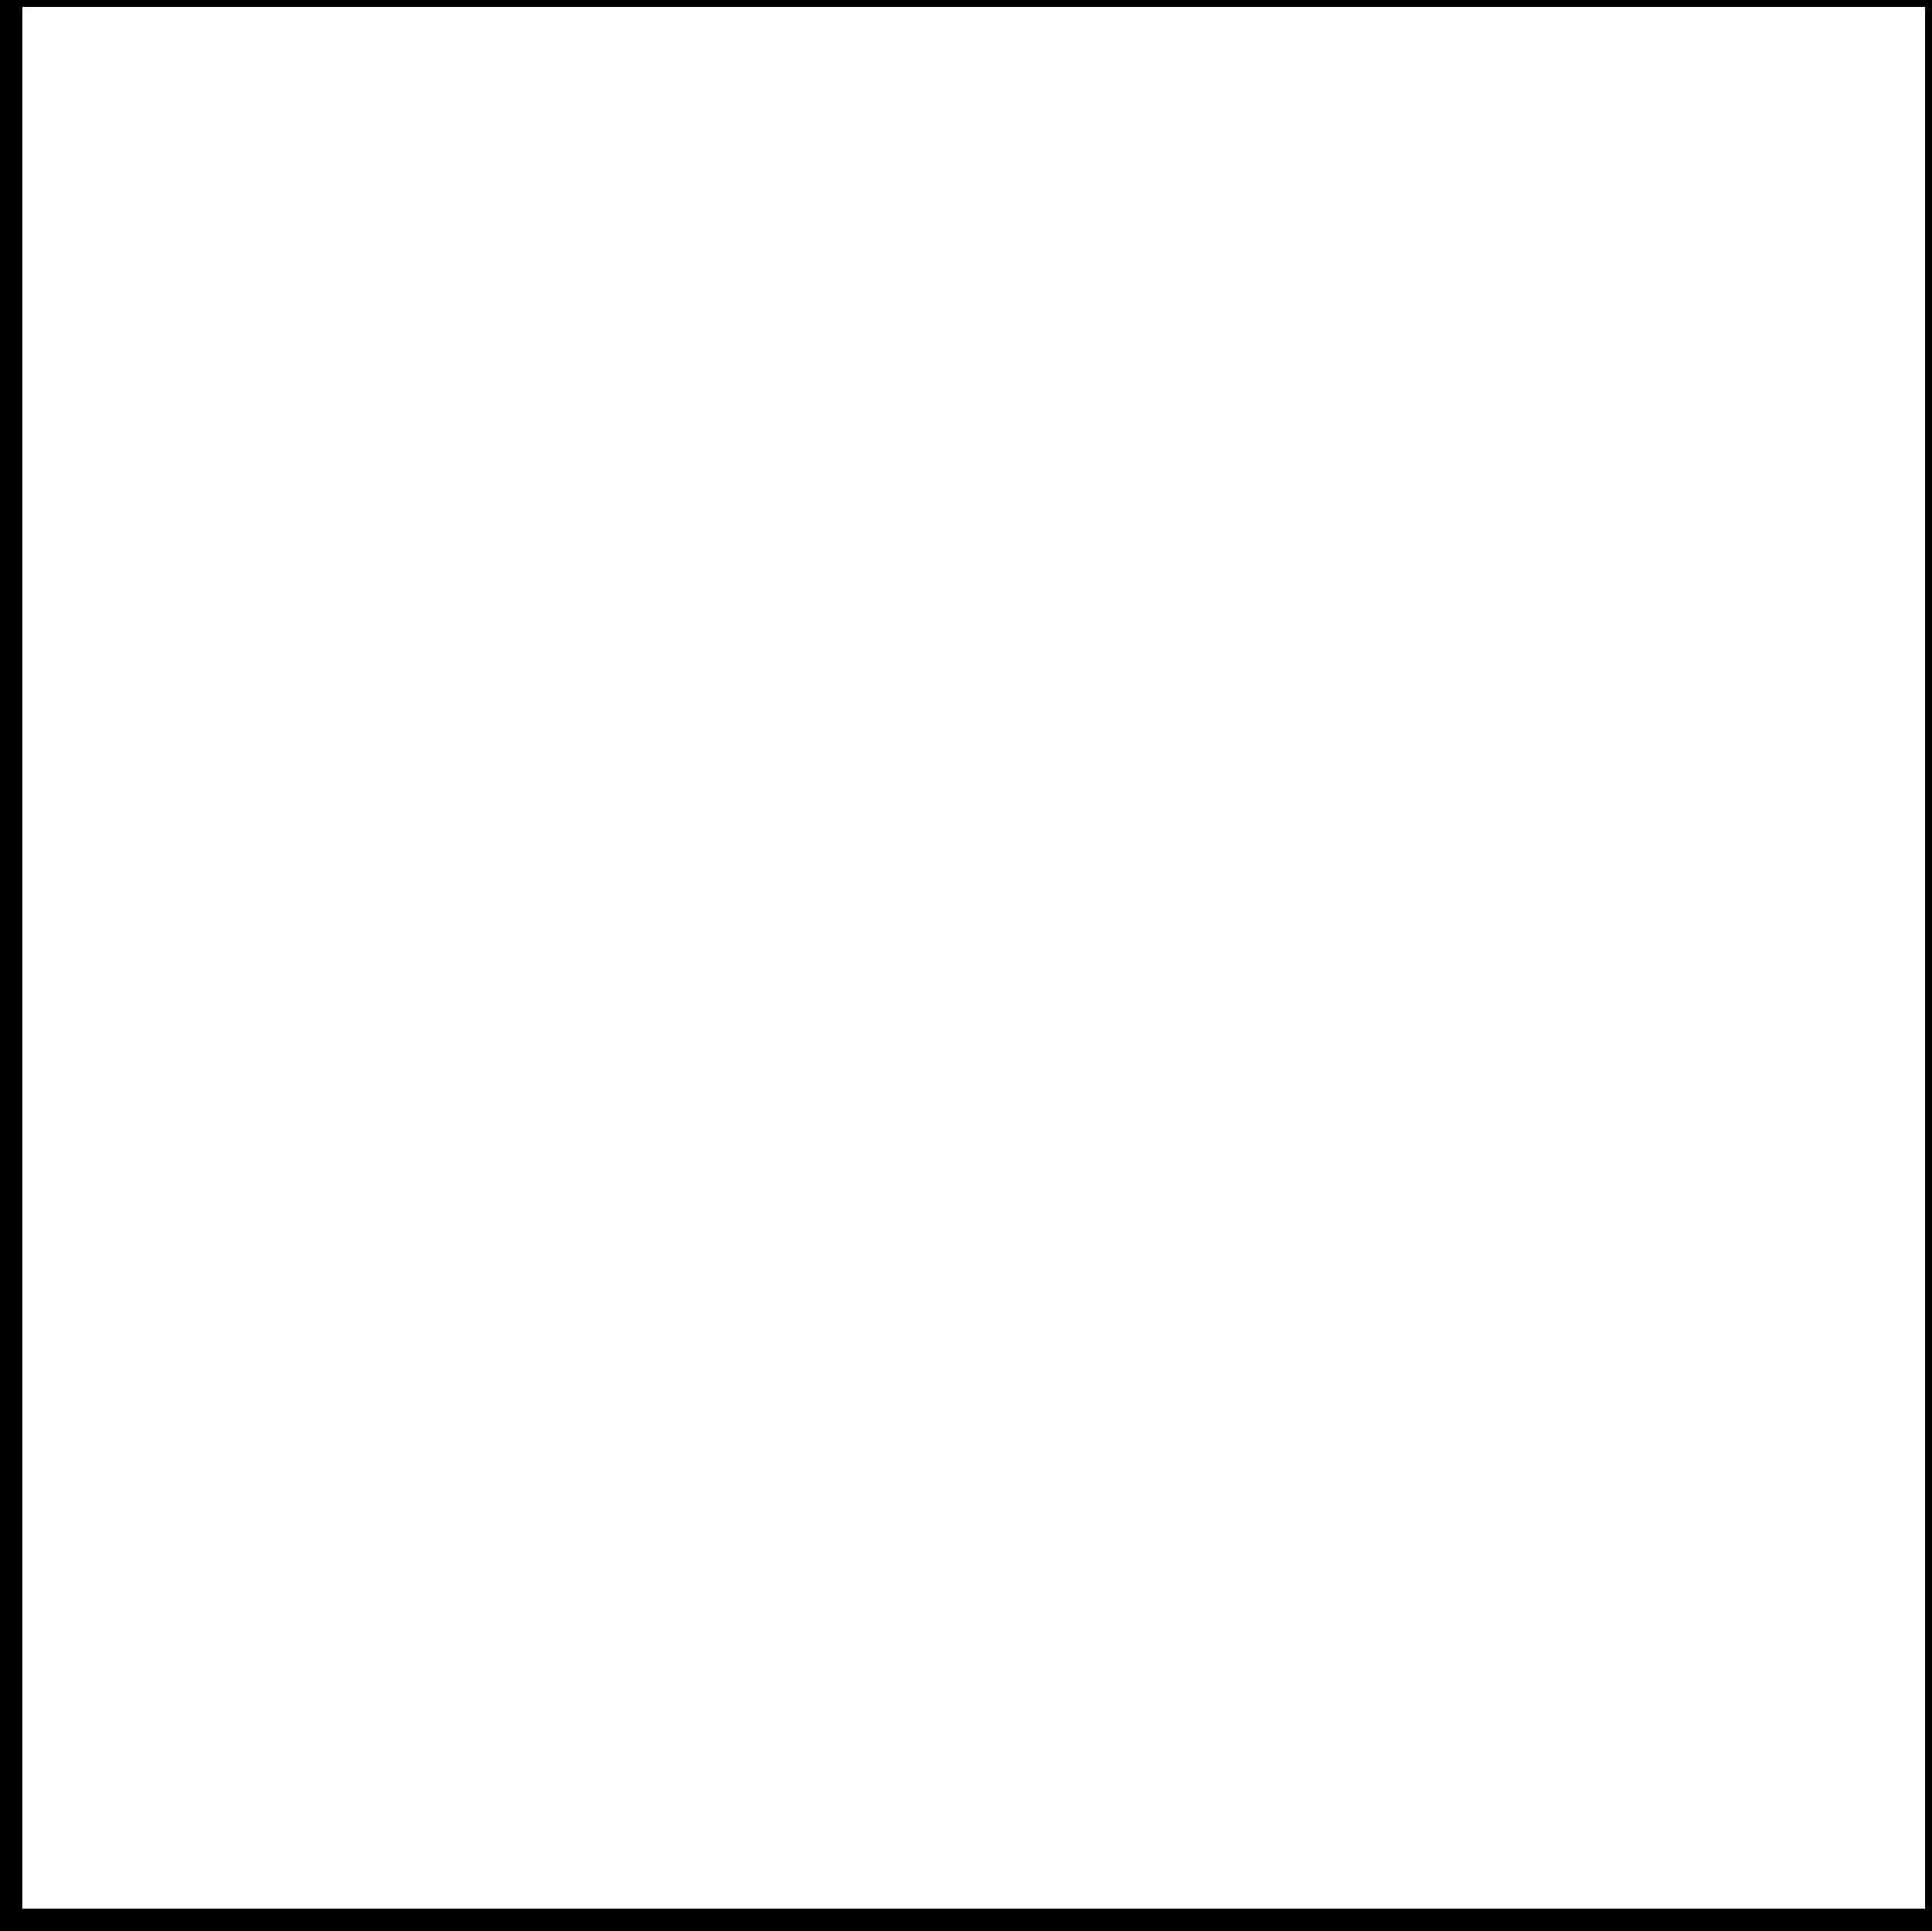 Mantel ⬛ BLANCO ·1,8x1,8m· [retirooenvíoen 5·7díashábiles]